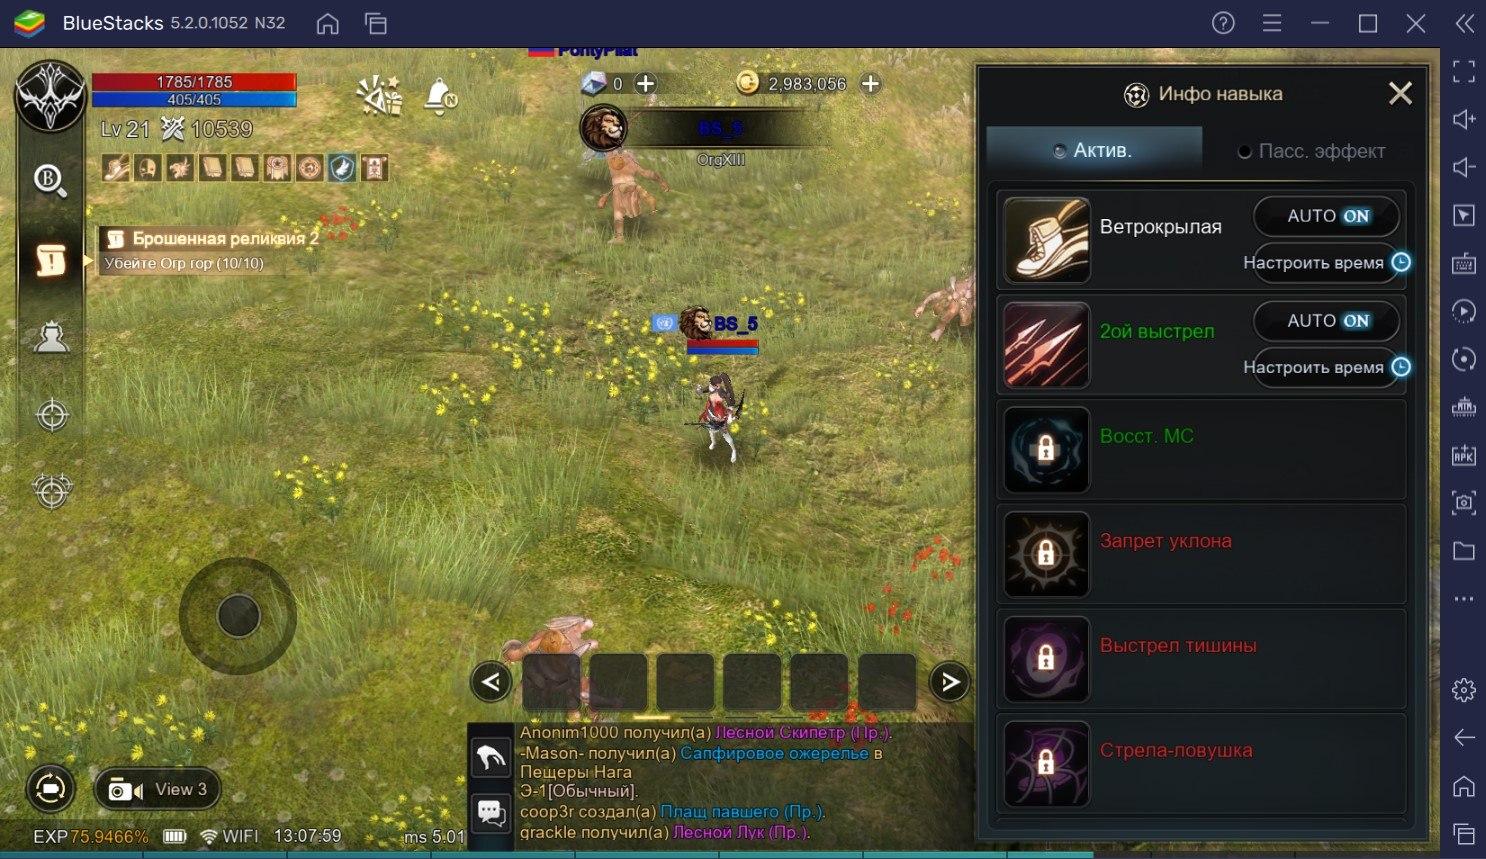 Обзорный гайд Kingdom: The Blood Pledge. Как механики прокачки героя спасают всю игру?